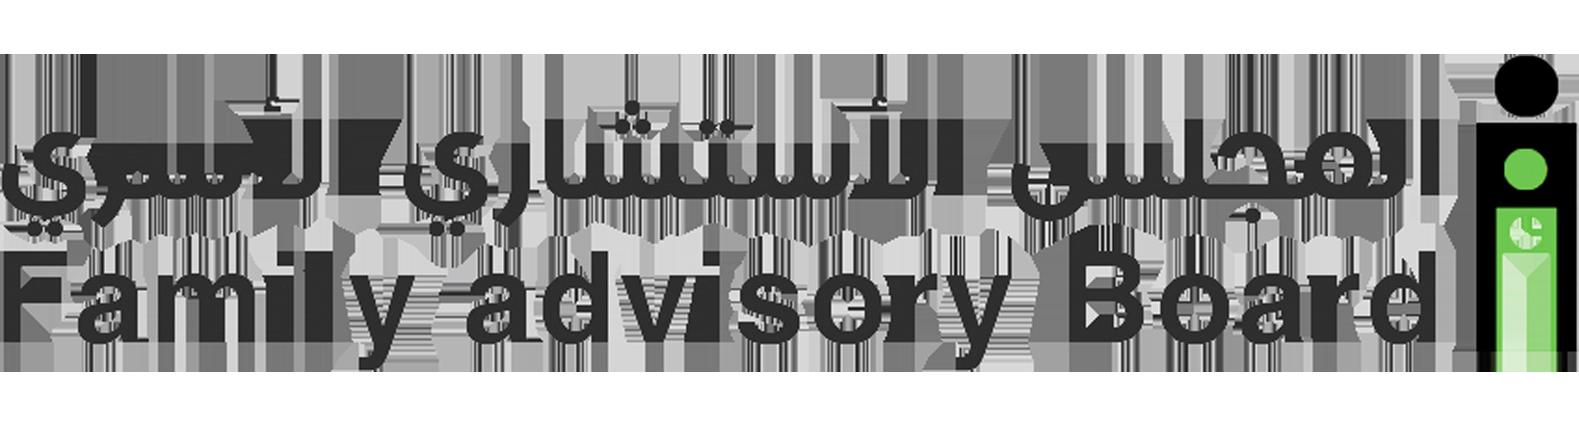 المجلس الاستشاري الاسري | Family Advisory Council